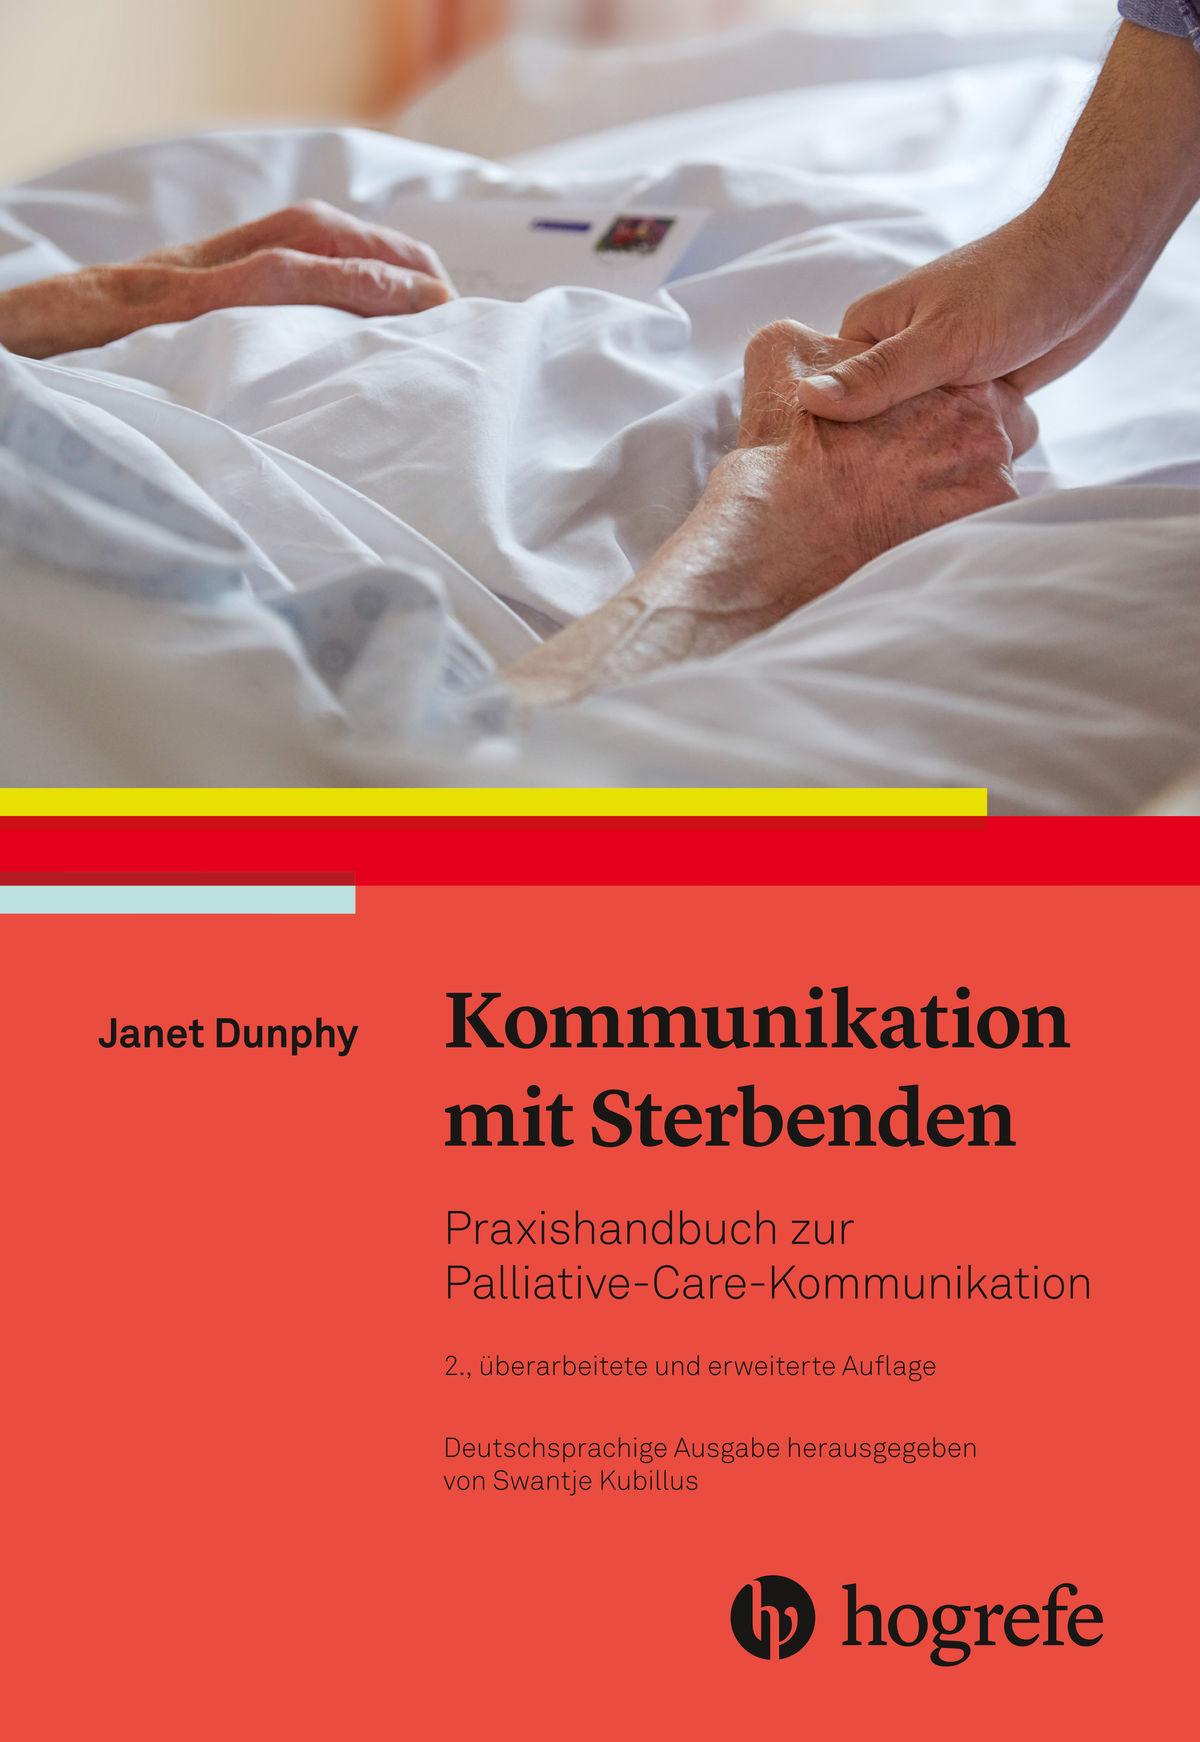 Kommunikation mit Sterbenden